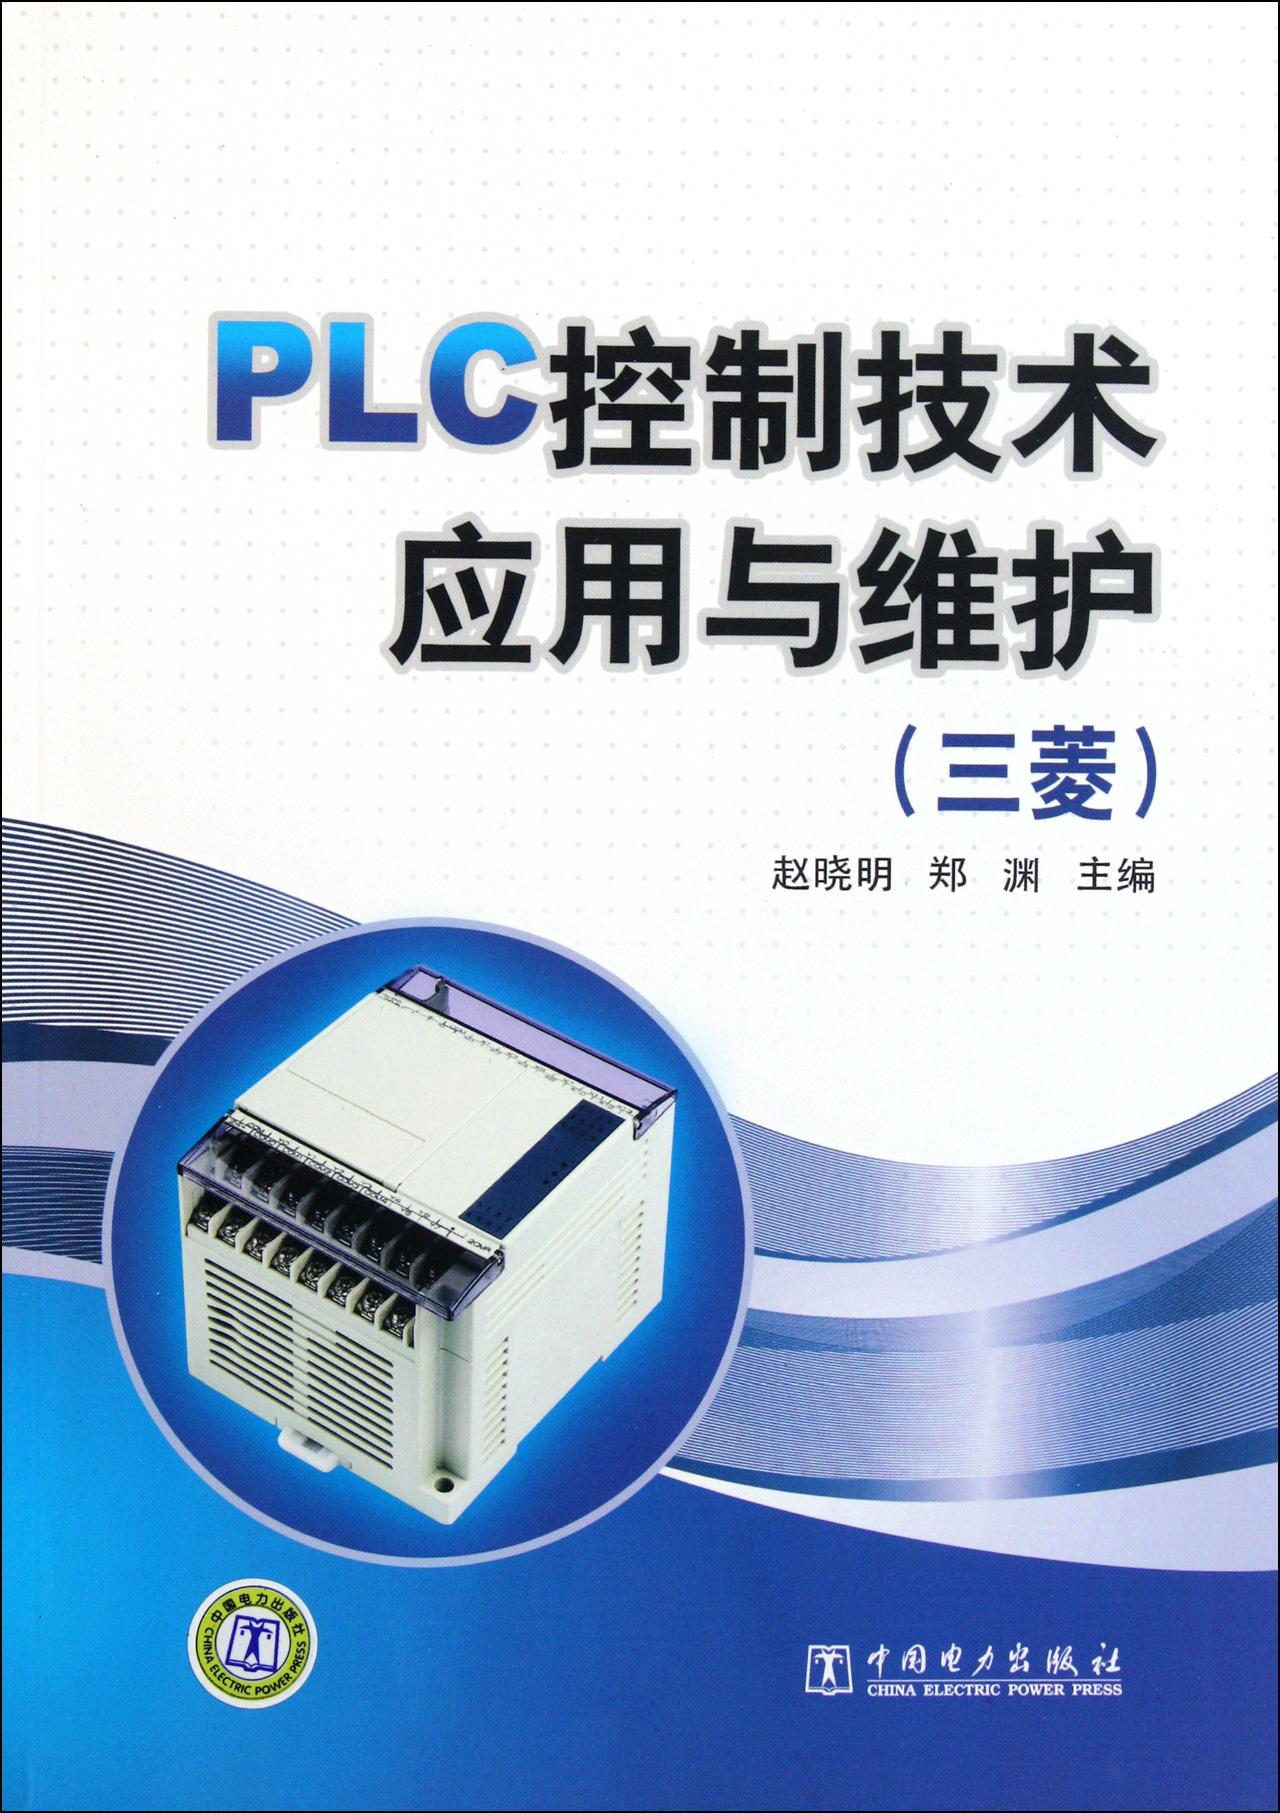 主要内容包括plc控制系统的认识,电动机plc控制系统的应用与维护,显示